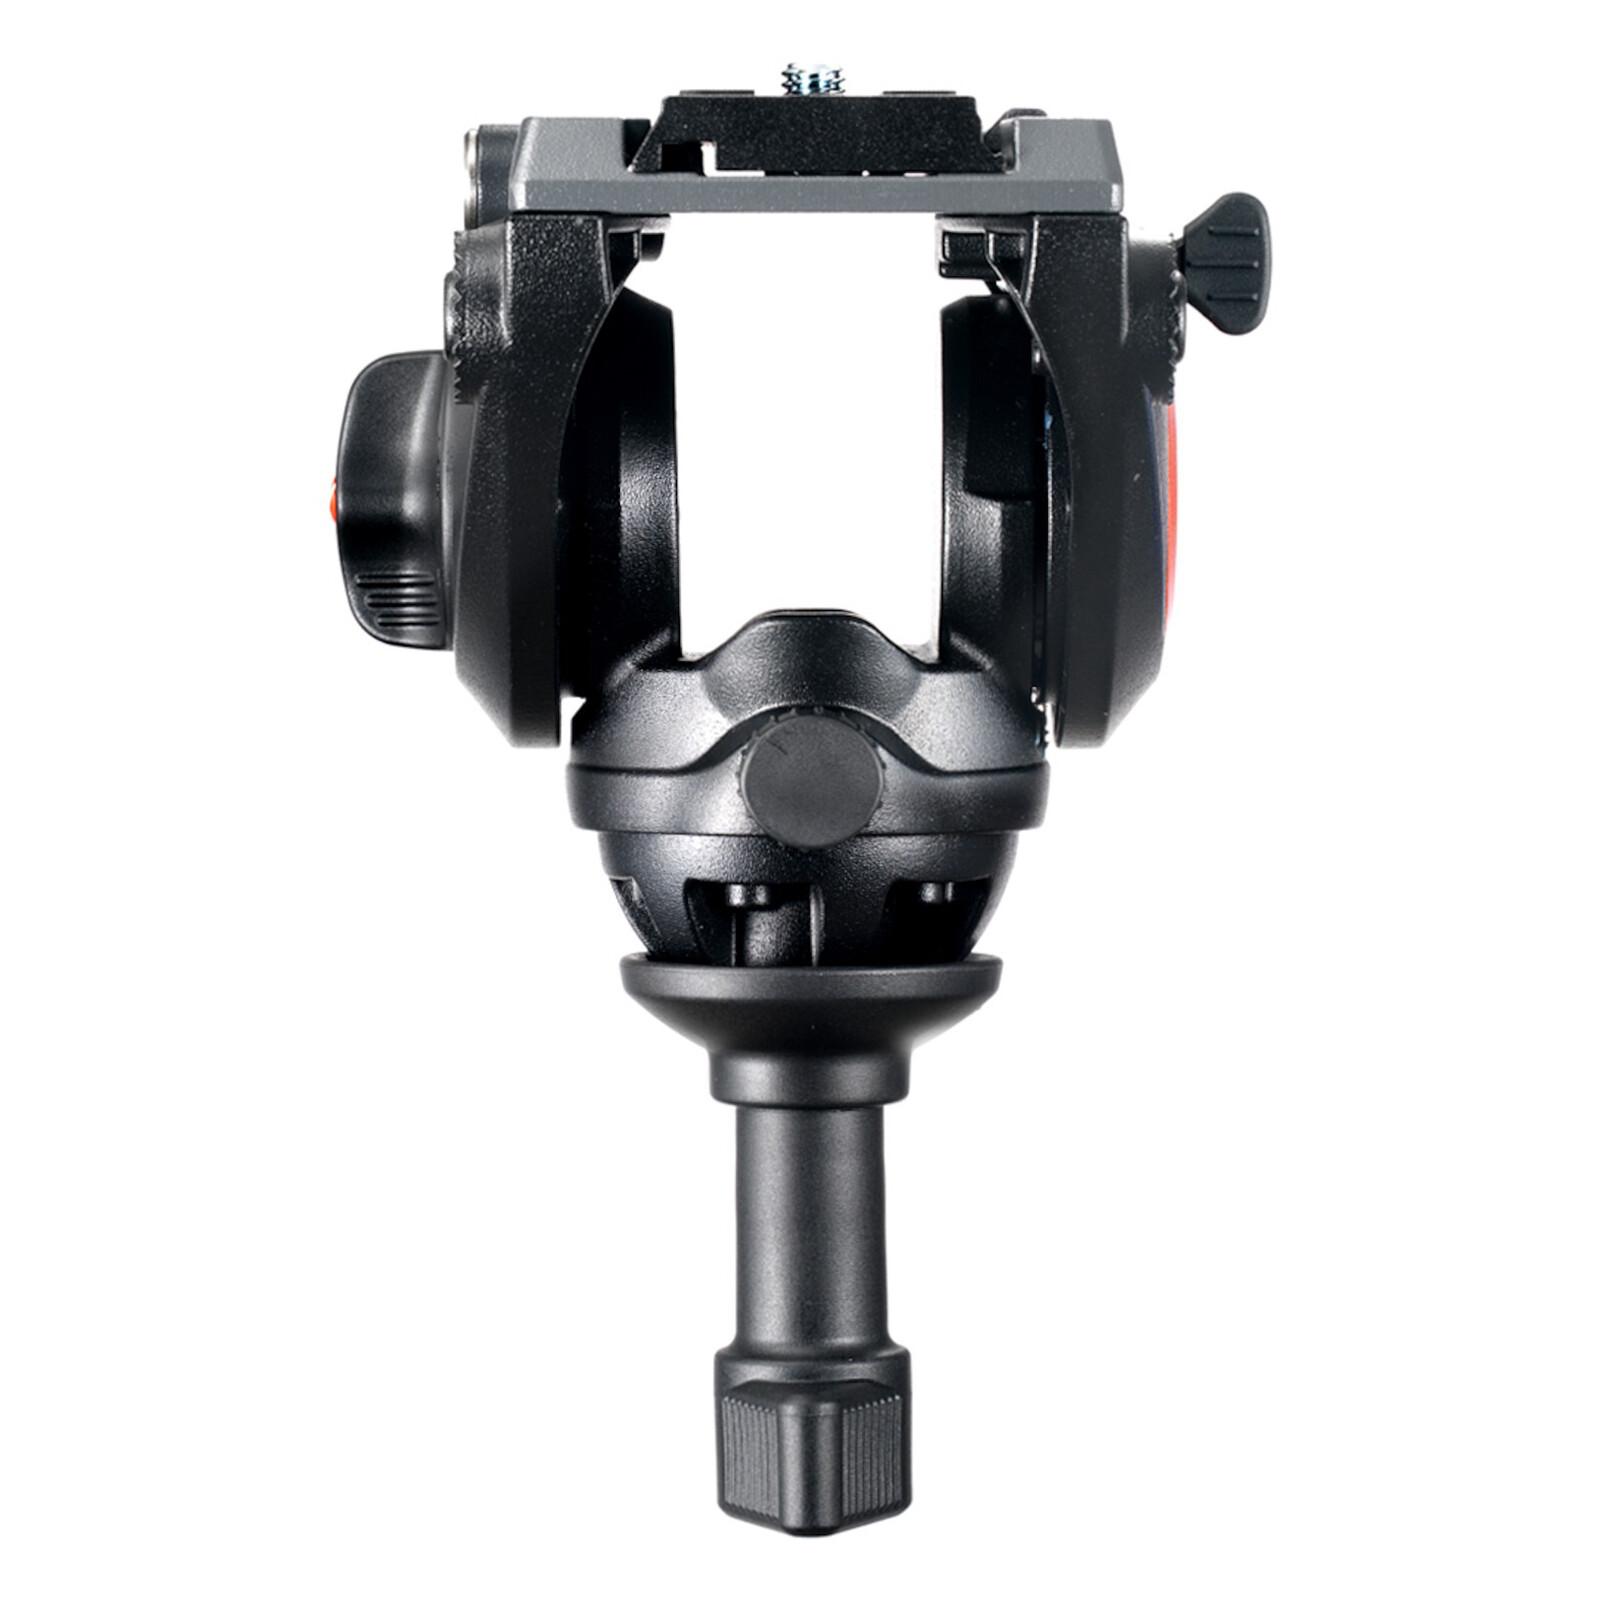 Manfrotto MVH500A Fluid Videoneiger